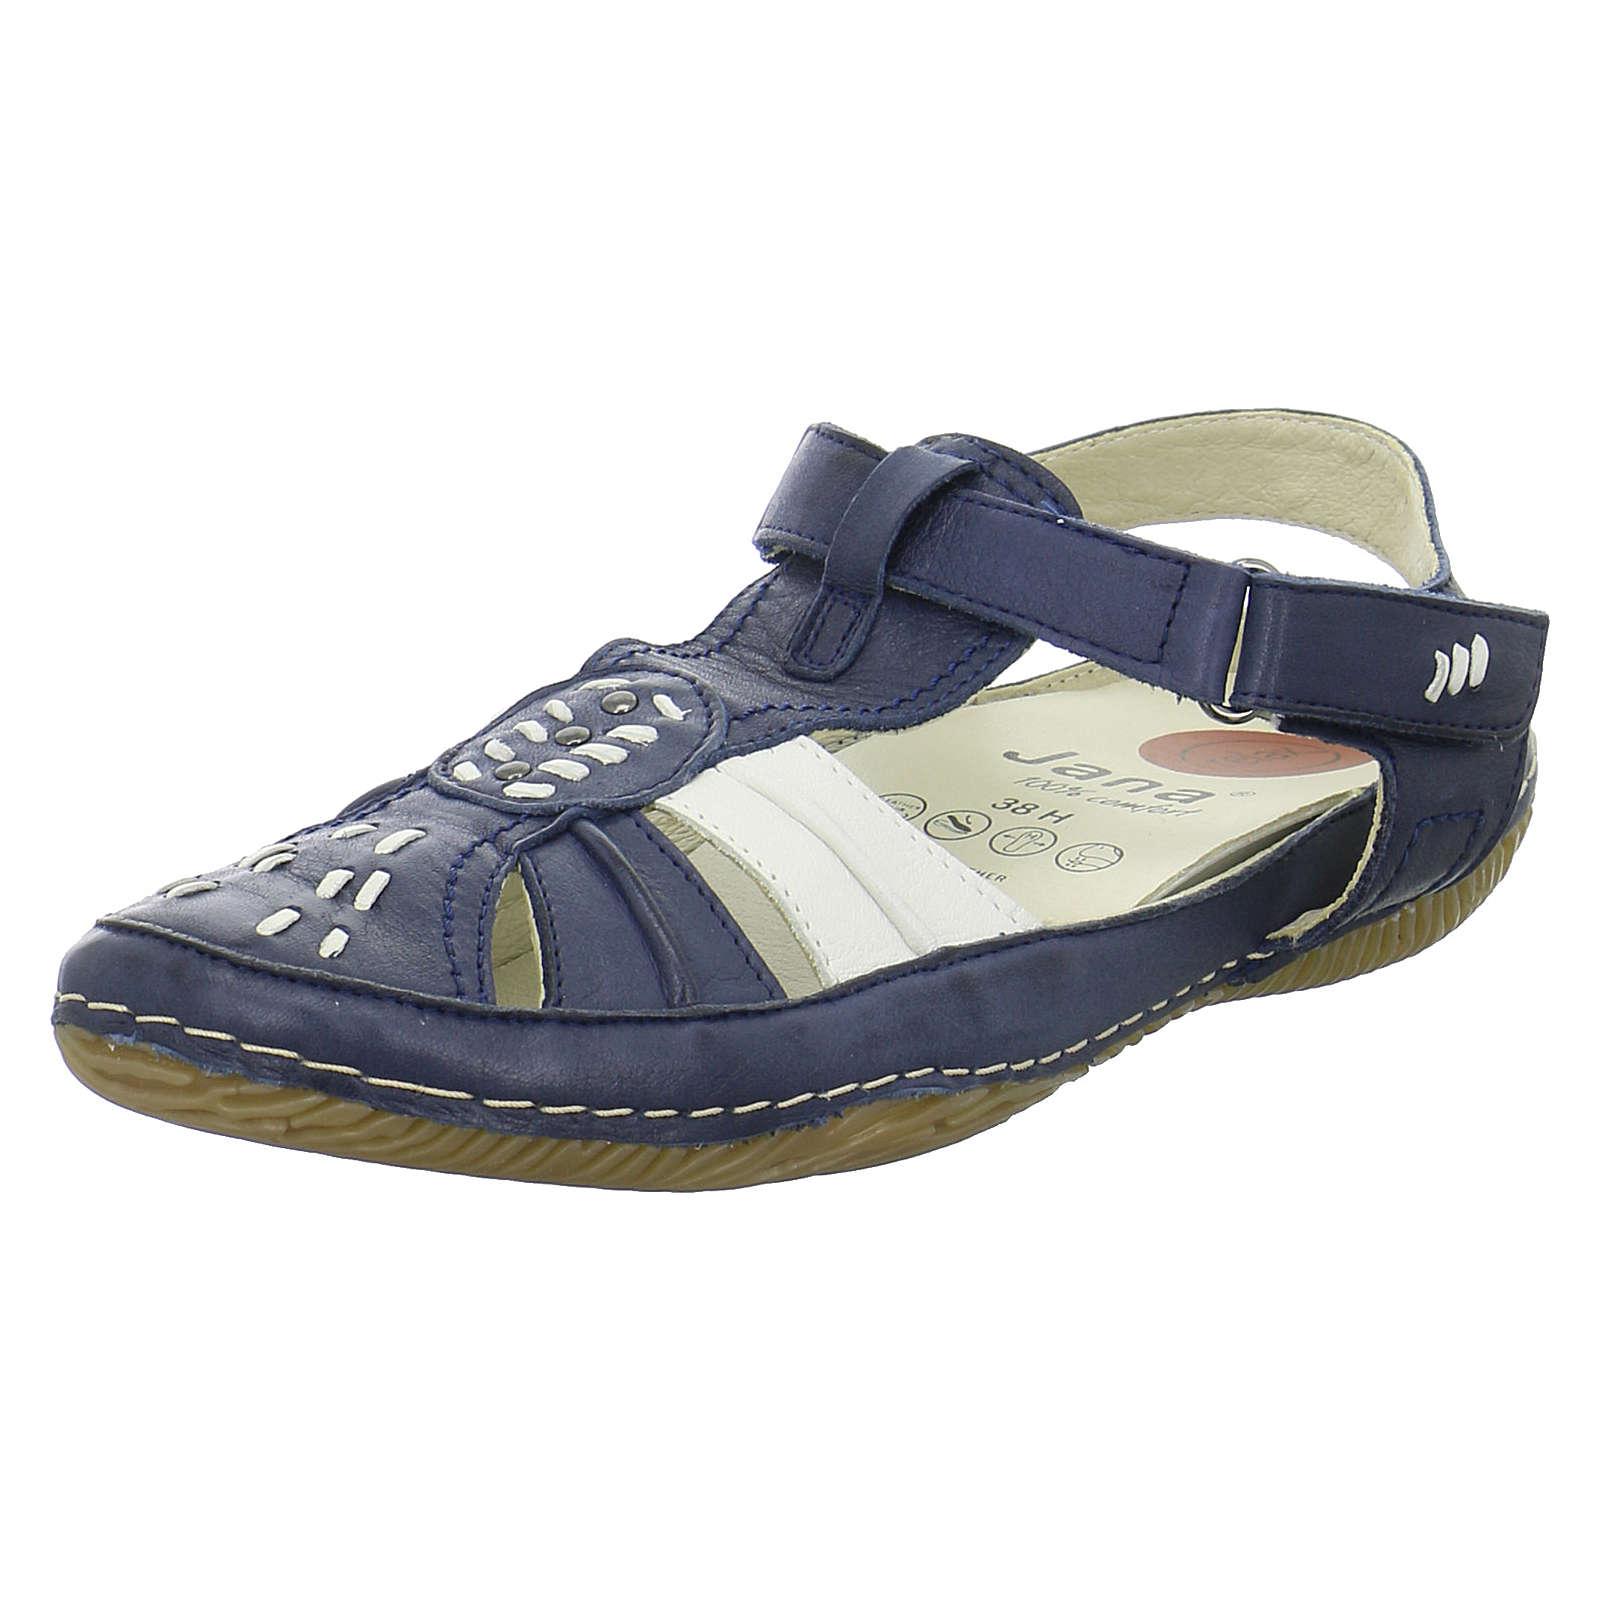 Jana Sandalen 8-28111 Klassische Sandaletten blau Damen Gr. 38